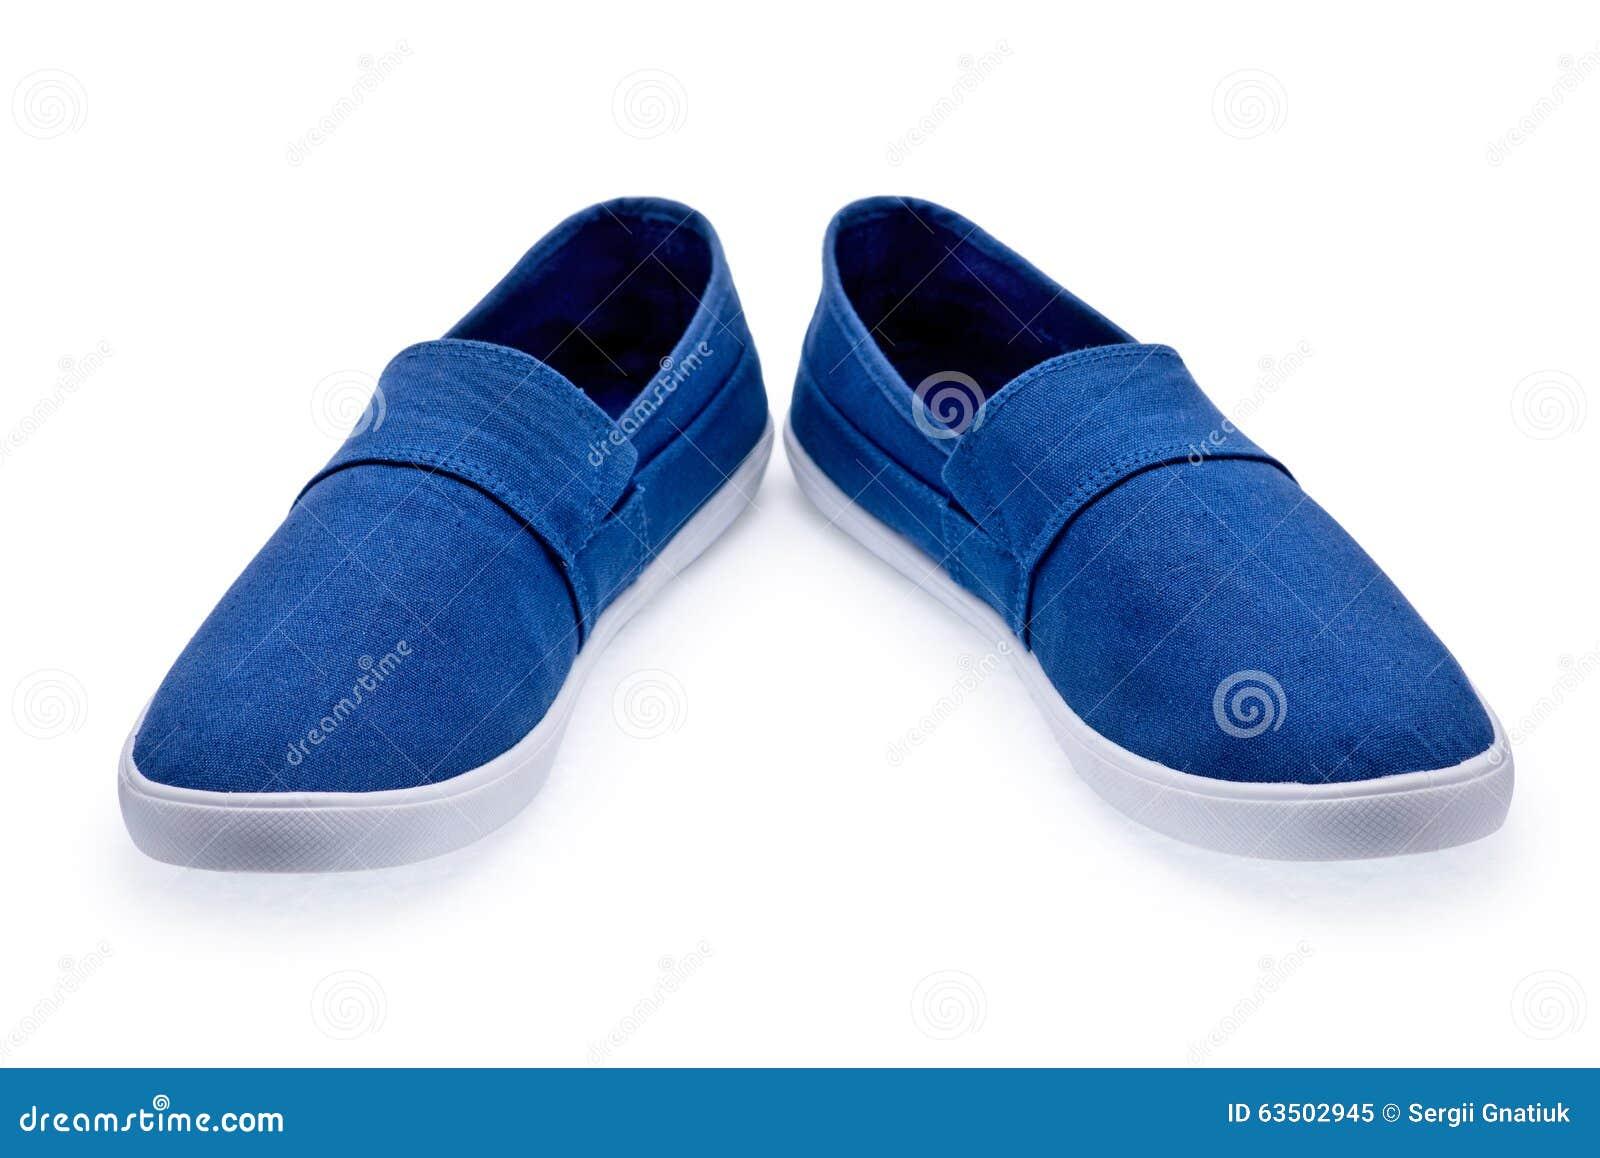 bajo precio 10582 e491d Un Par De Zapatos Tenis Azules Sin Los Cordones Imagen de ...